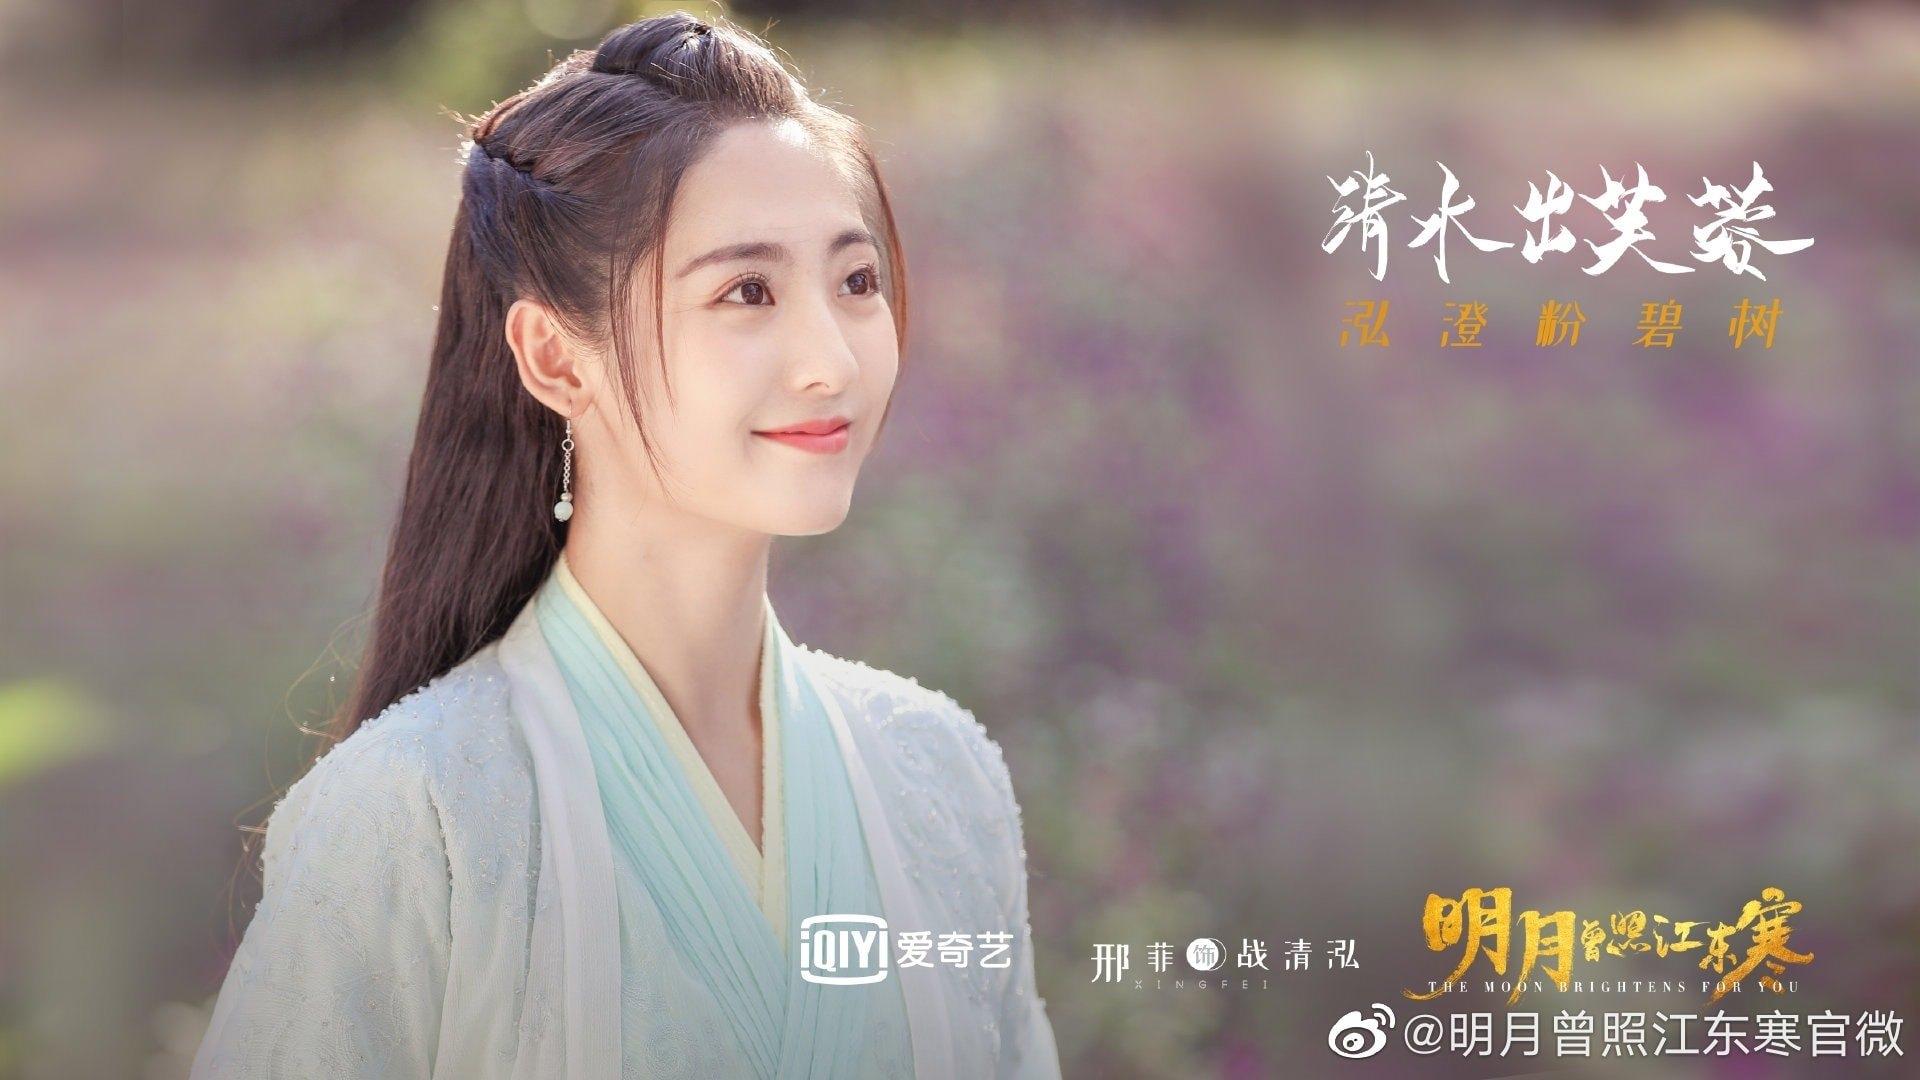 phim ngôn tình trung quốc cổ trang - Minh Nguyệt Từng Chiếu Giang Đông Hàn